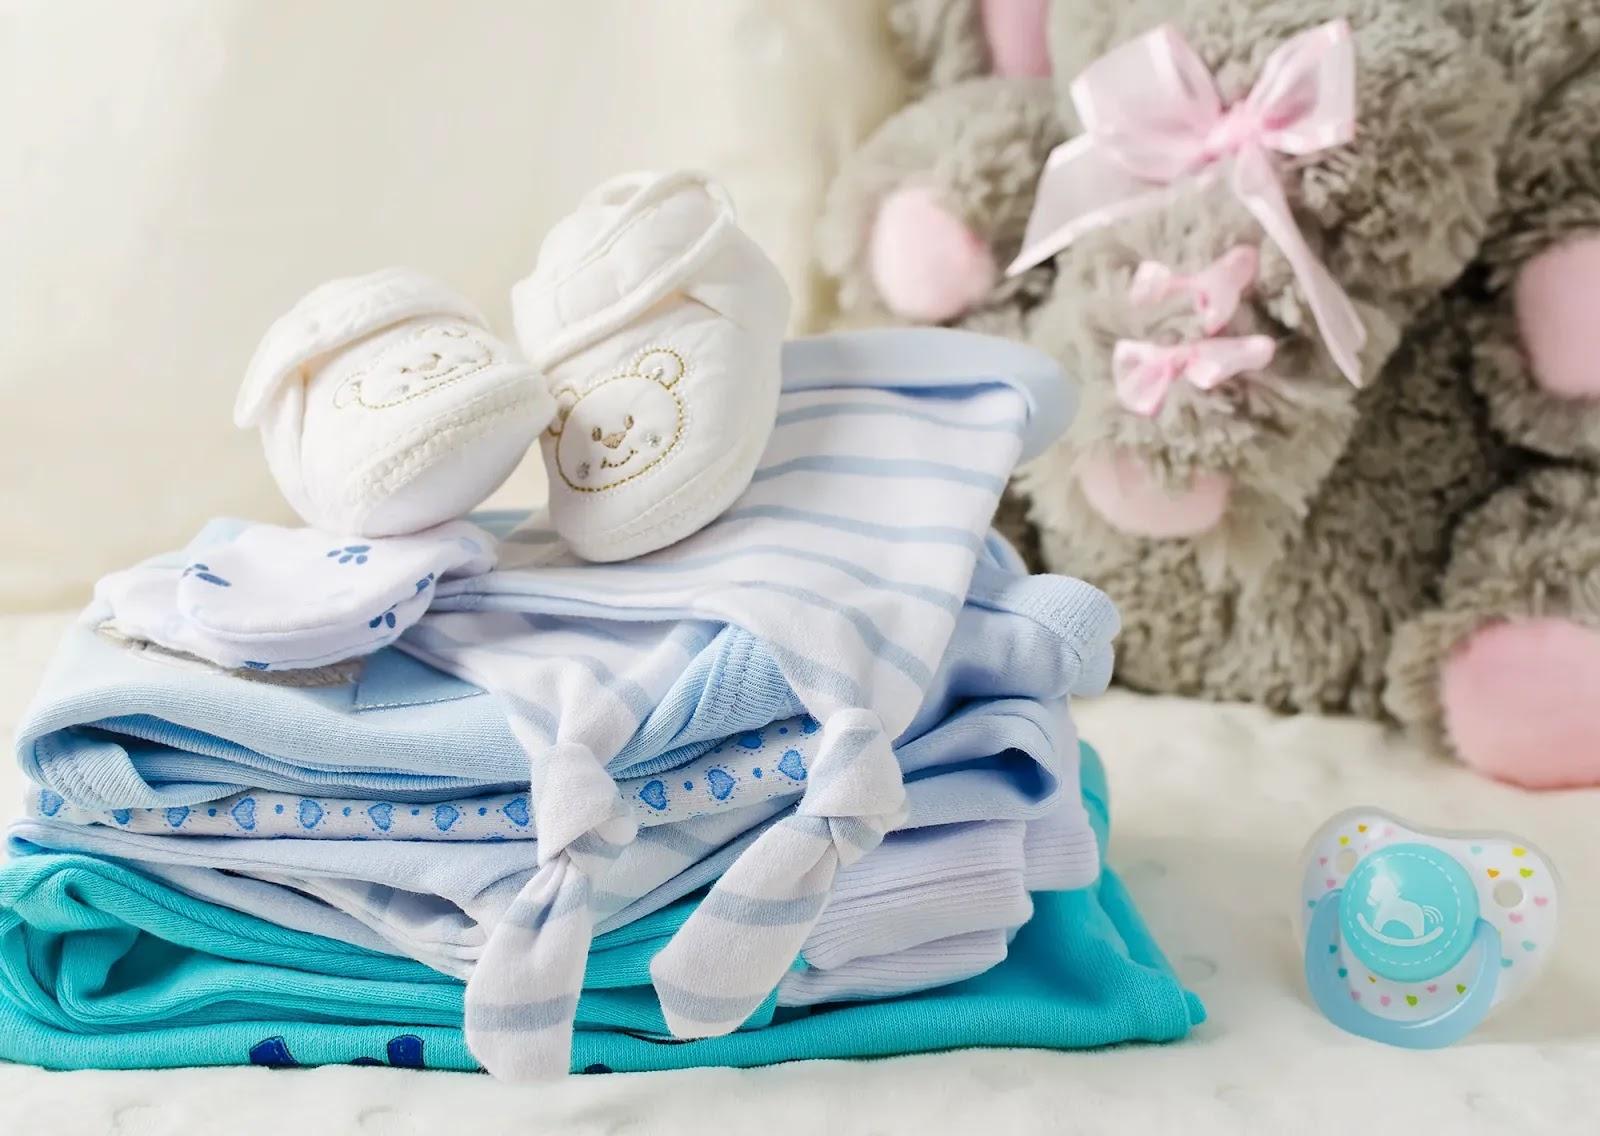 Kebutuhan Bayi Baru Lahir Yang Perlu Dipersiapkan